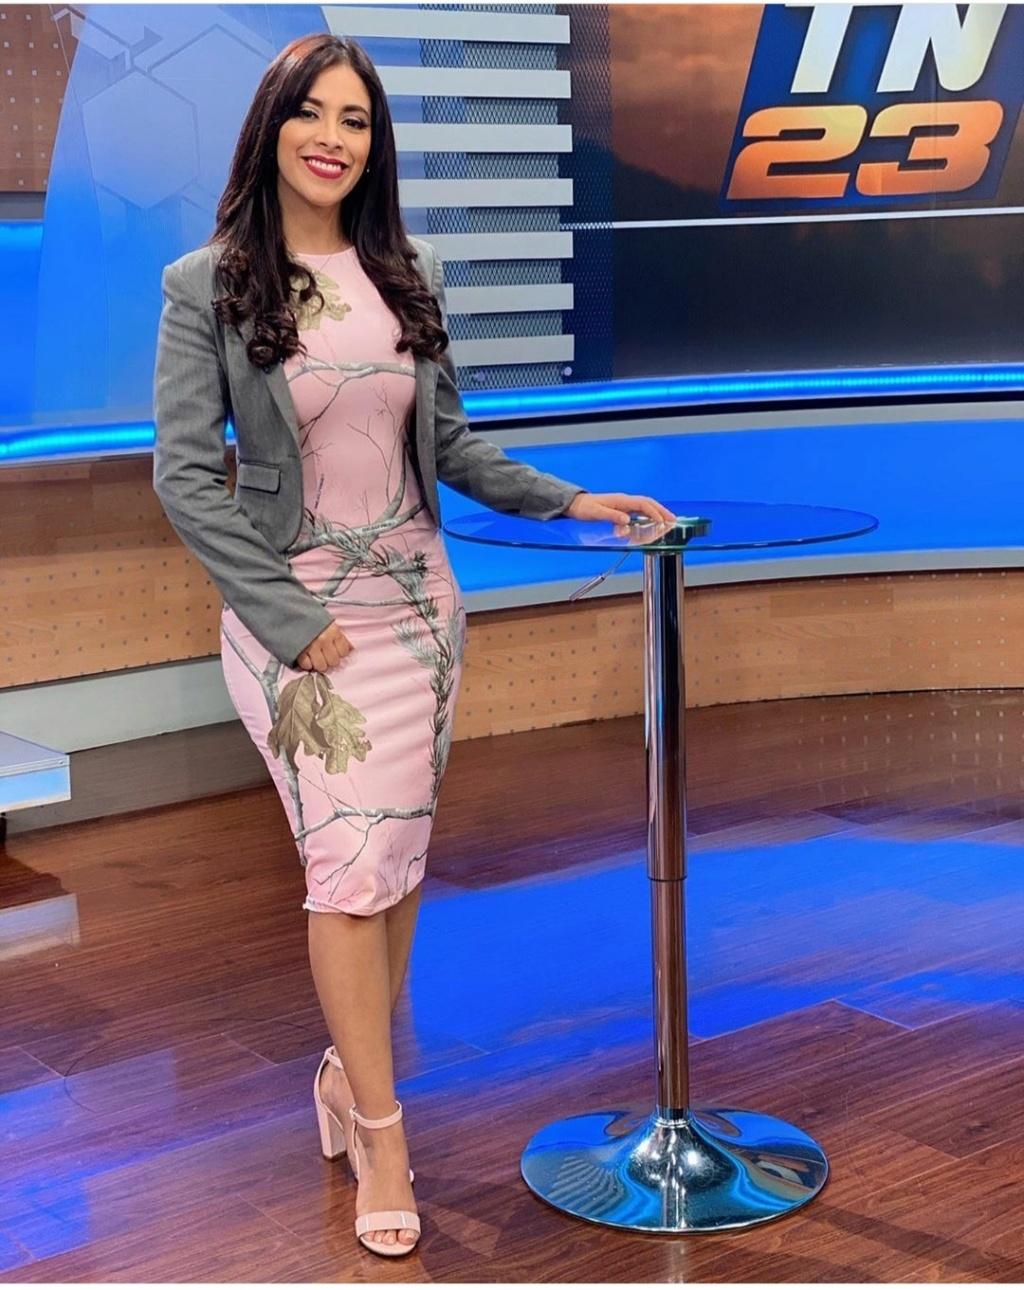 DEBATE sobre belleza, guapura y hermosura (fotos de chicas latinas, mestizas, y de todo) - VOL II - Página 13 Img_2129